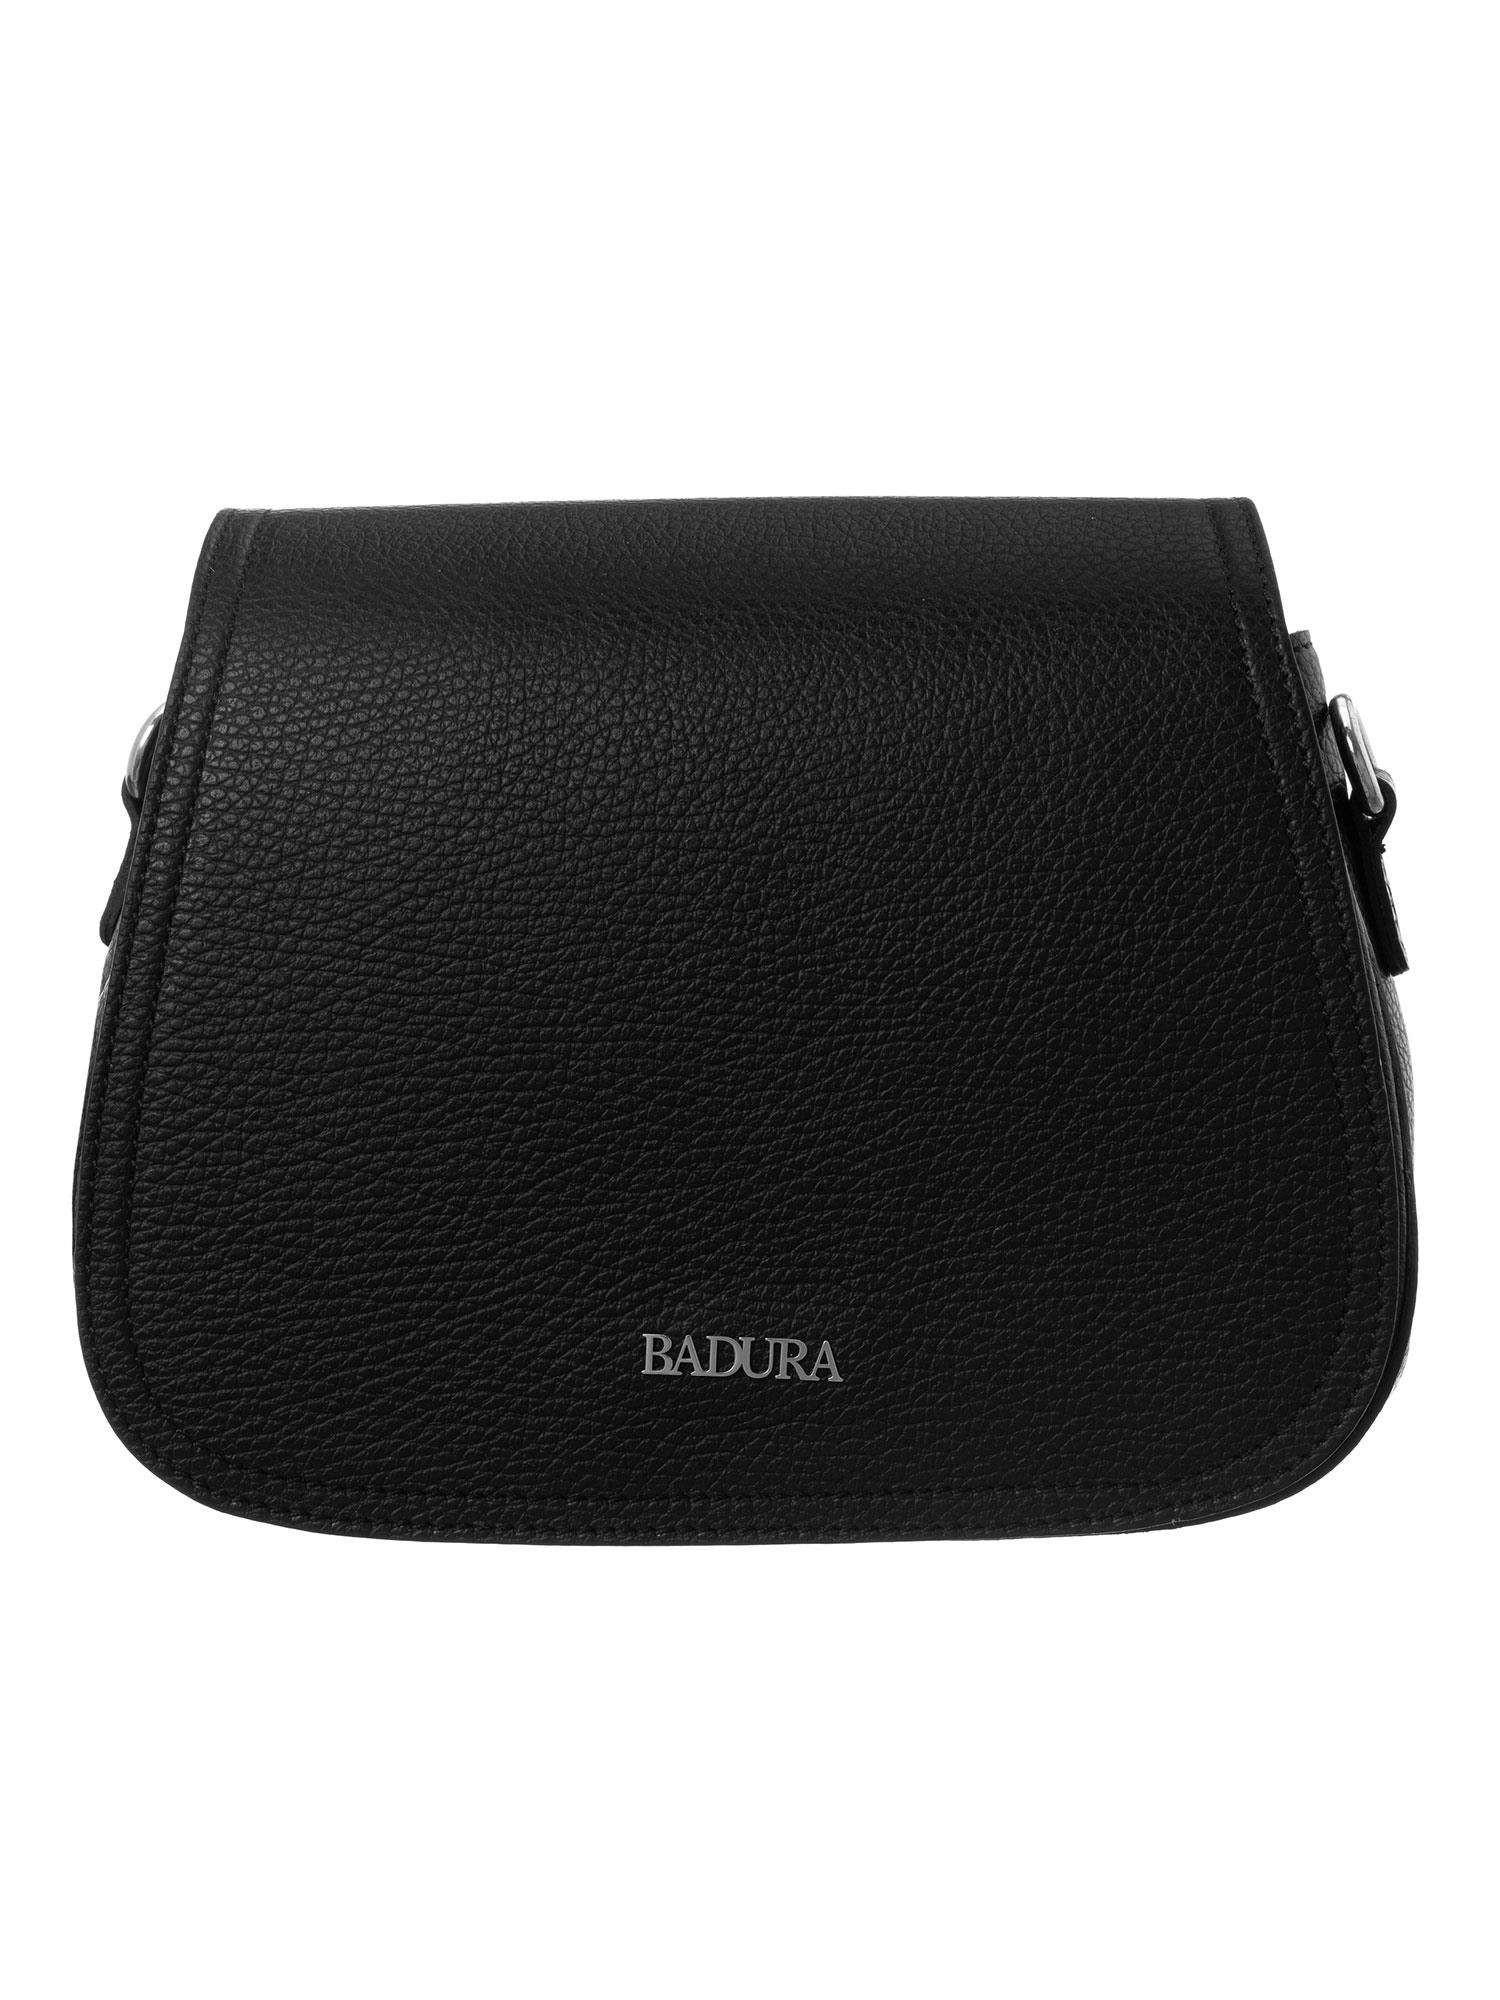 Badura Čierna kožená kabelka one size